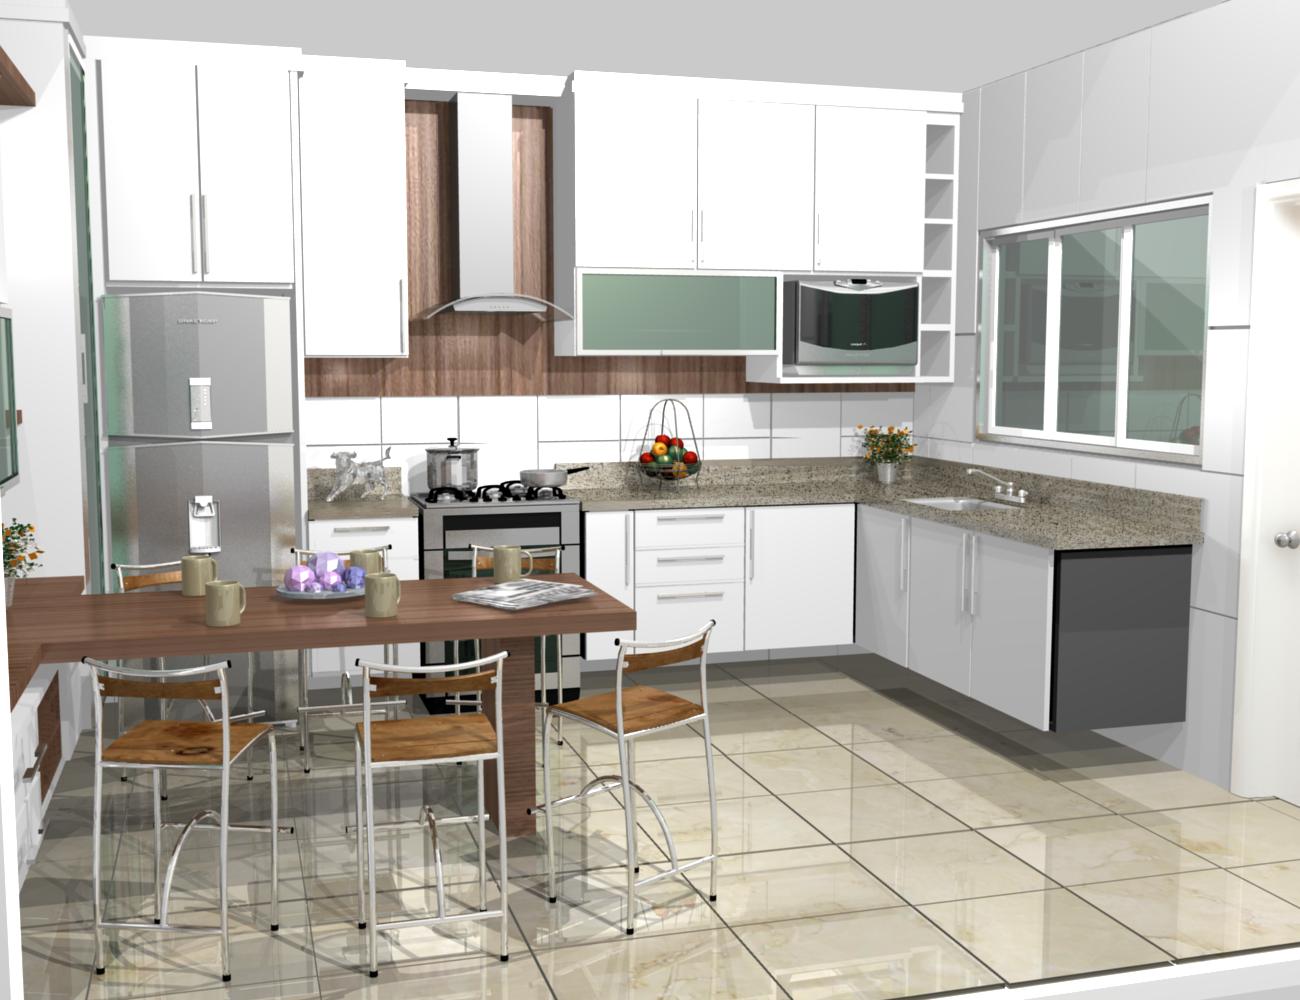 Cozinhas Planejadas Modernas Com Ilha Cozinhas Cozinha Planejada